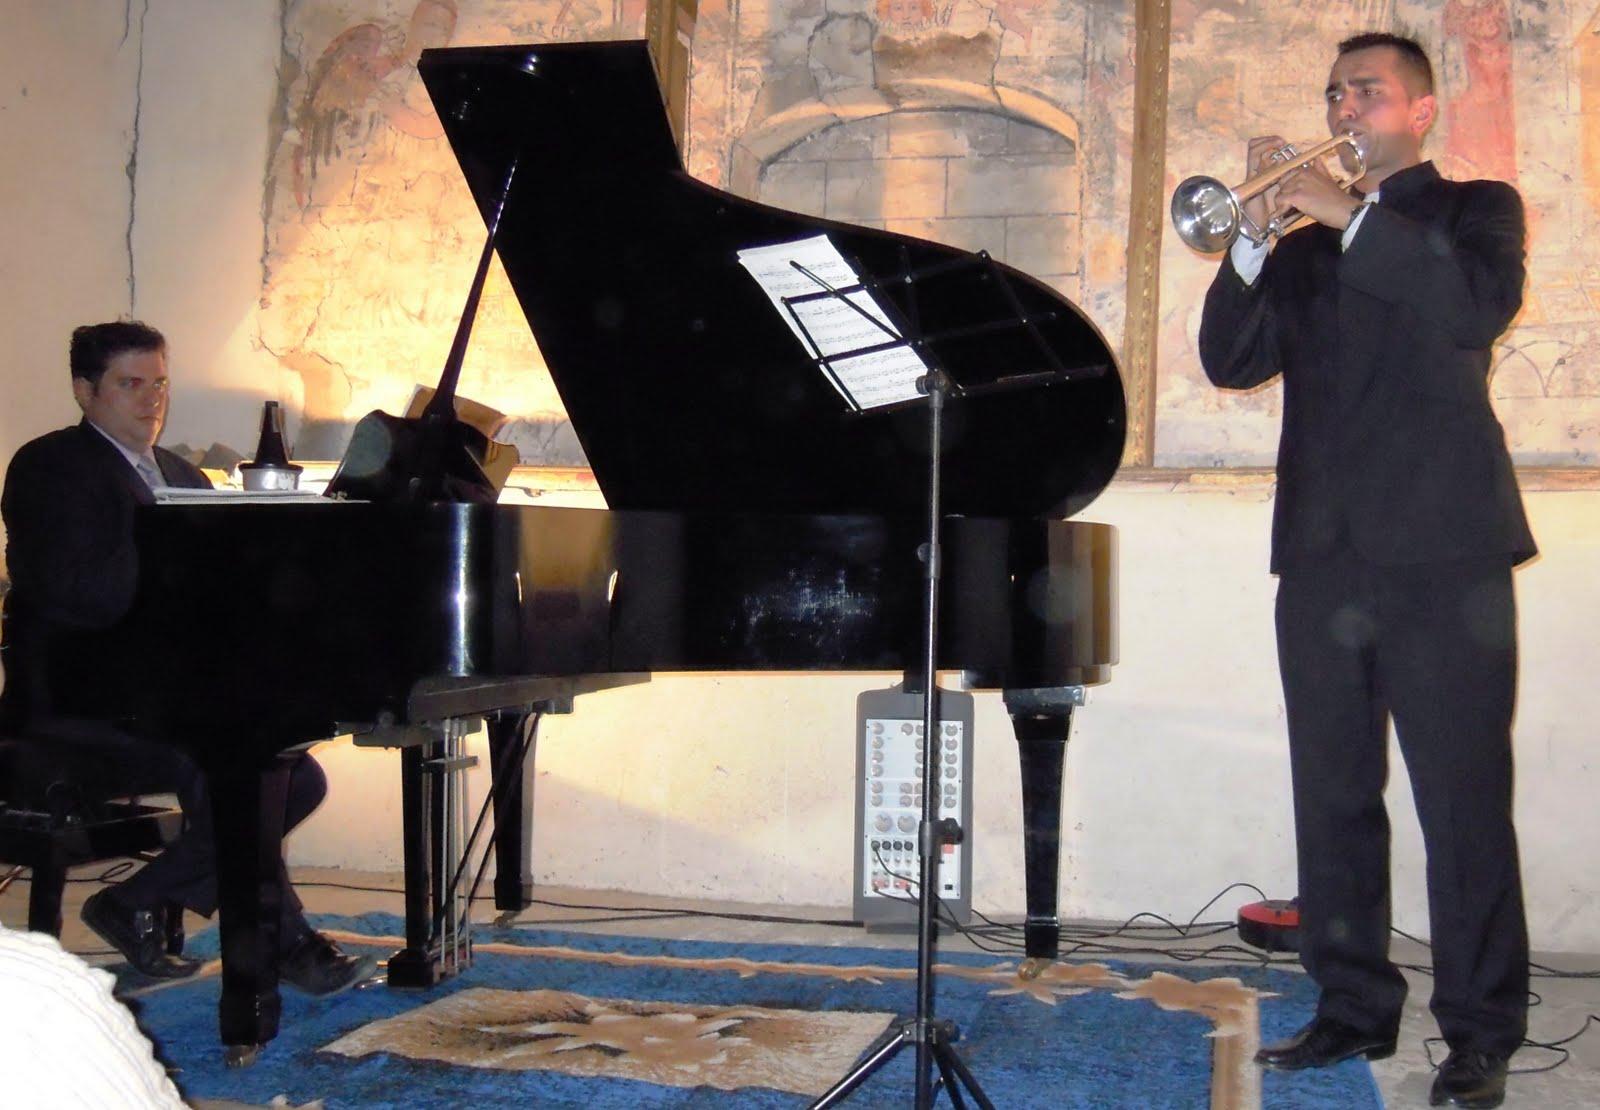 http://3.bp.blogspot.com/_bsn9mE--L7k/THtcr5z-kCI/AAAAAAAAAsw/8oUzjHBMBew/s1600/concierto_caboalles.JPG